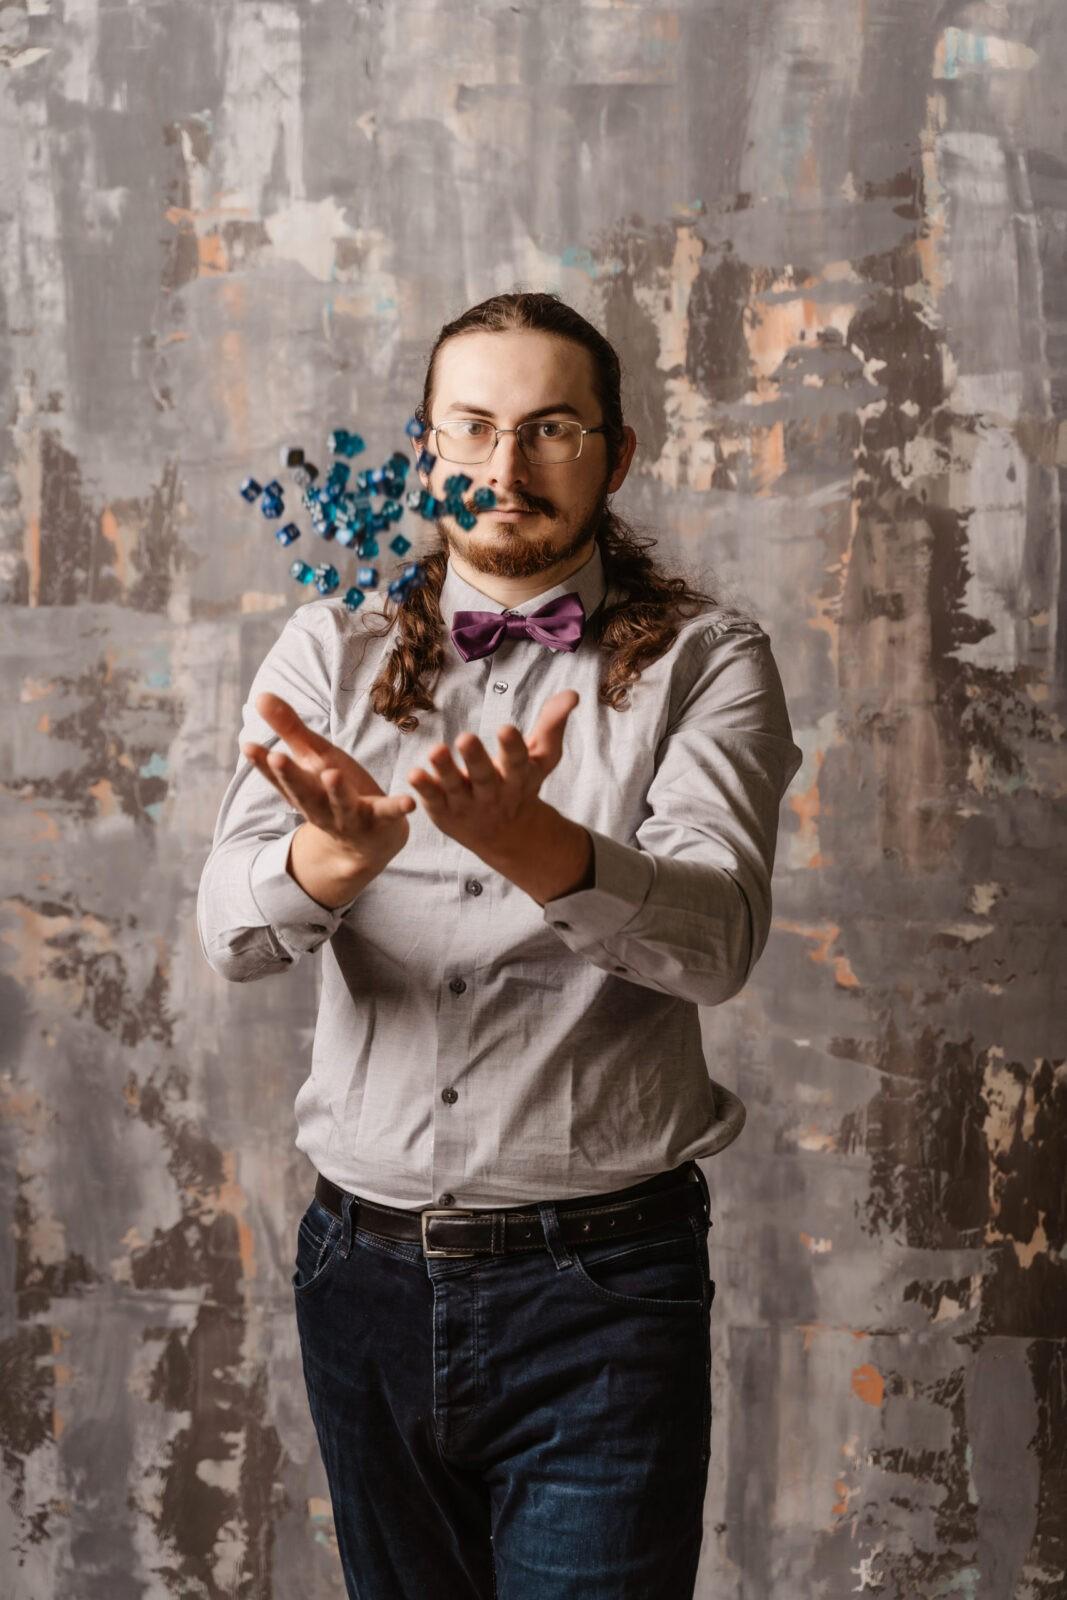 Академия большого взрыва: молодые Тверские учёные снялись в модной фотосессии Тверьлайф